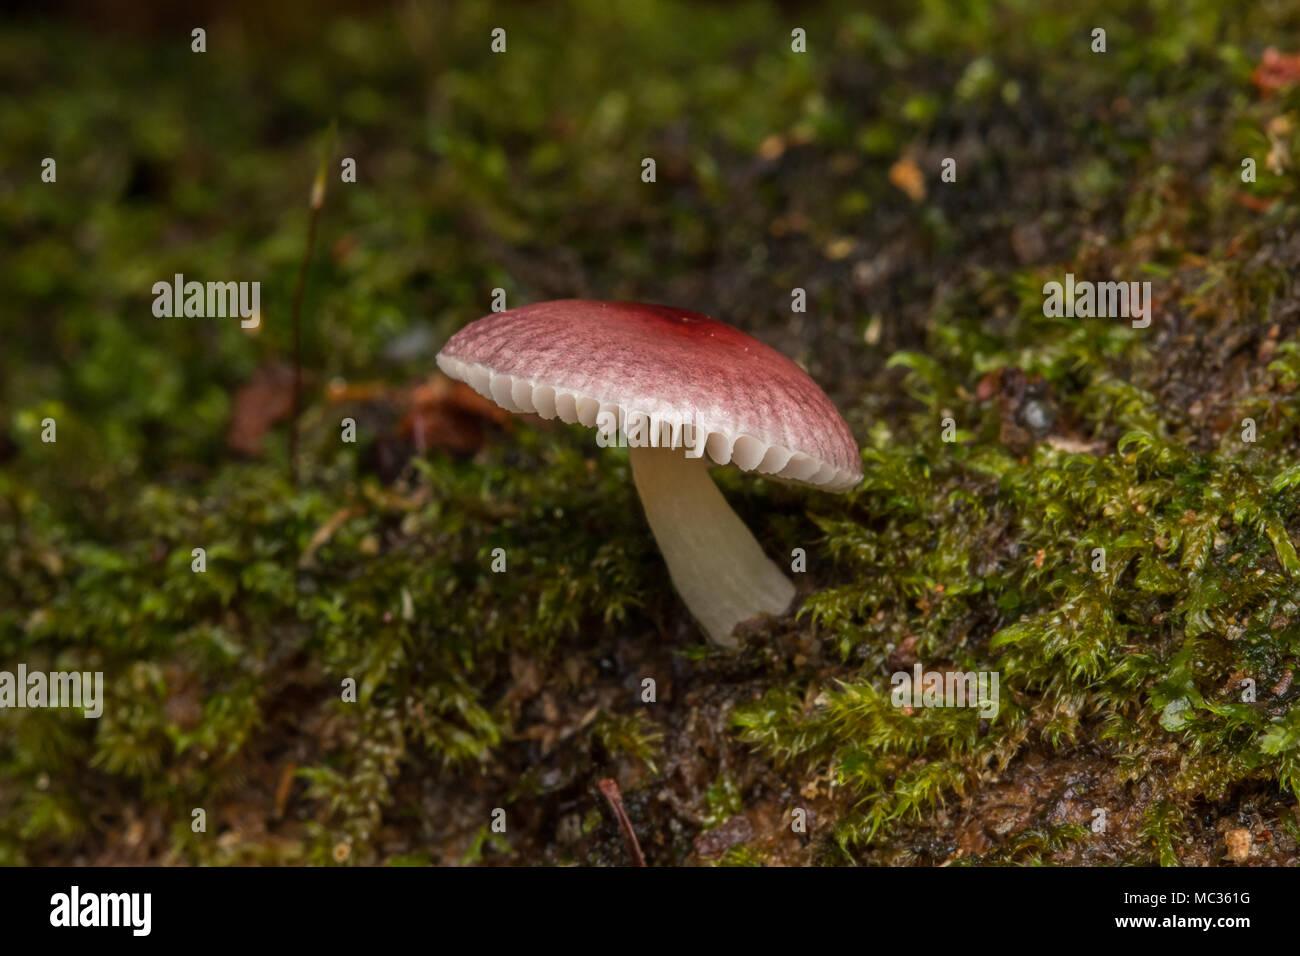 Jungle Mushroom fungus - Stock Image